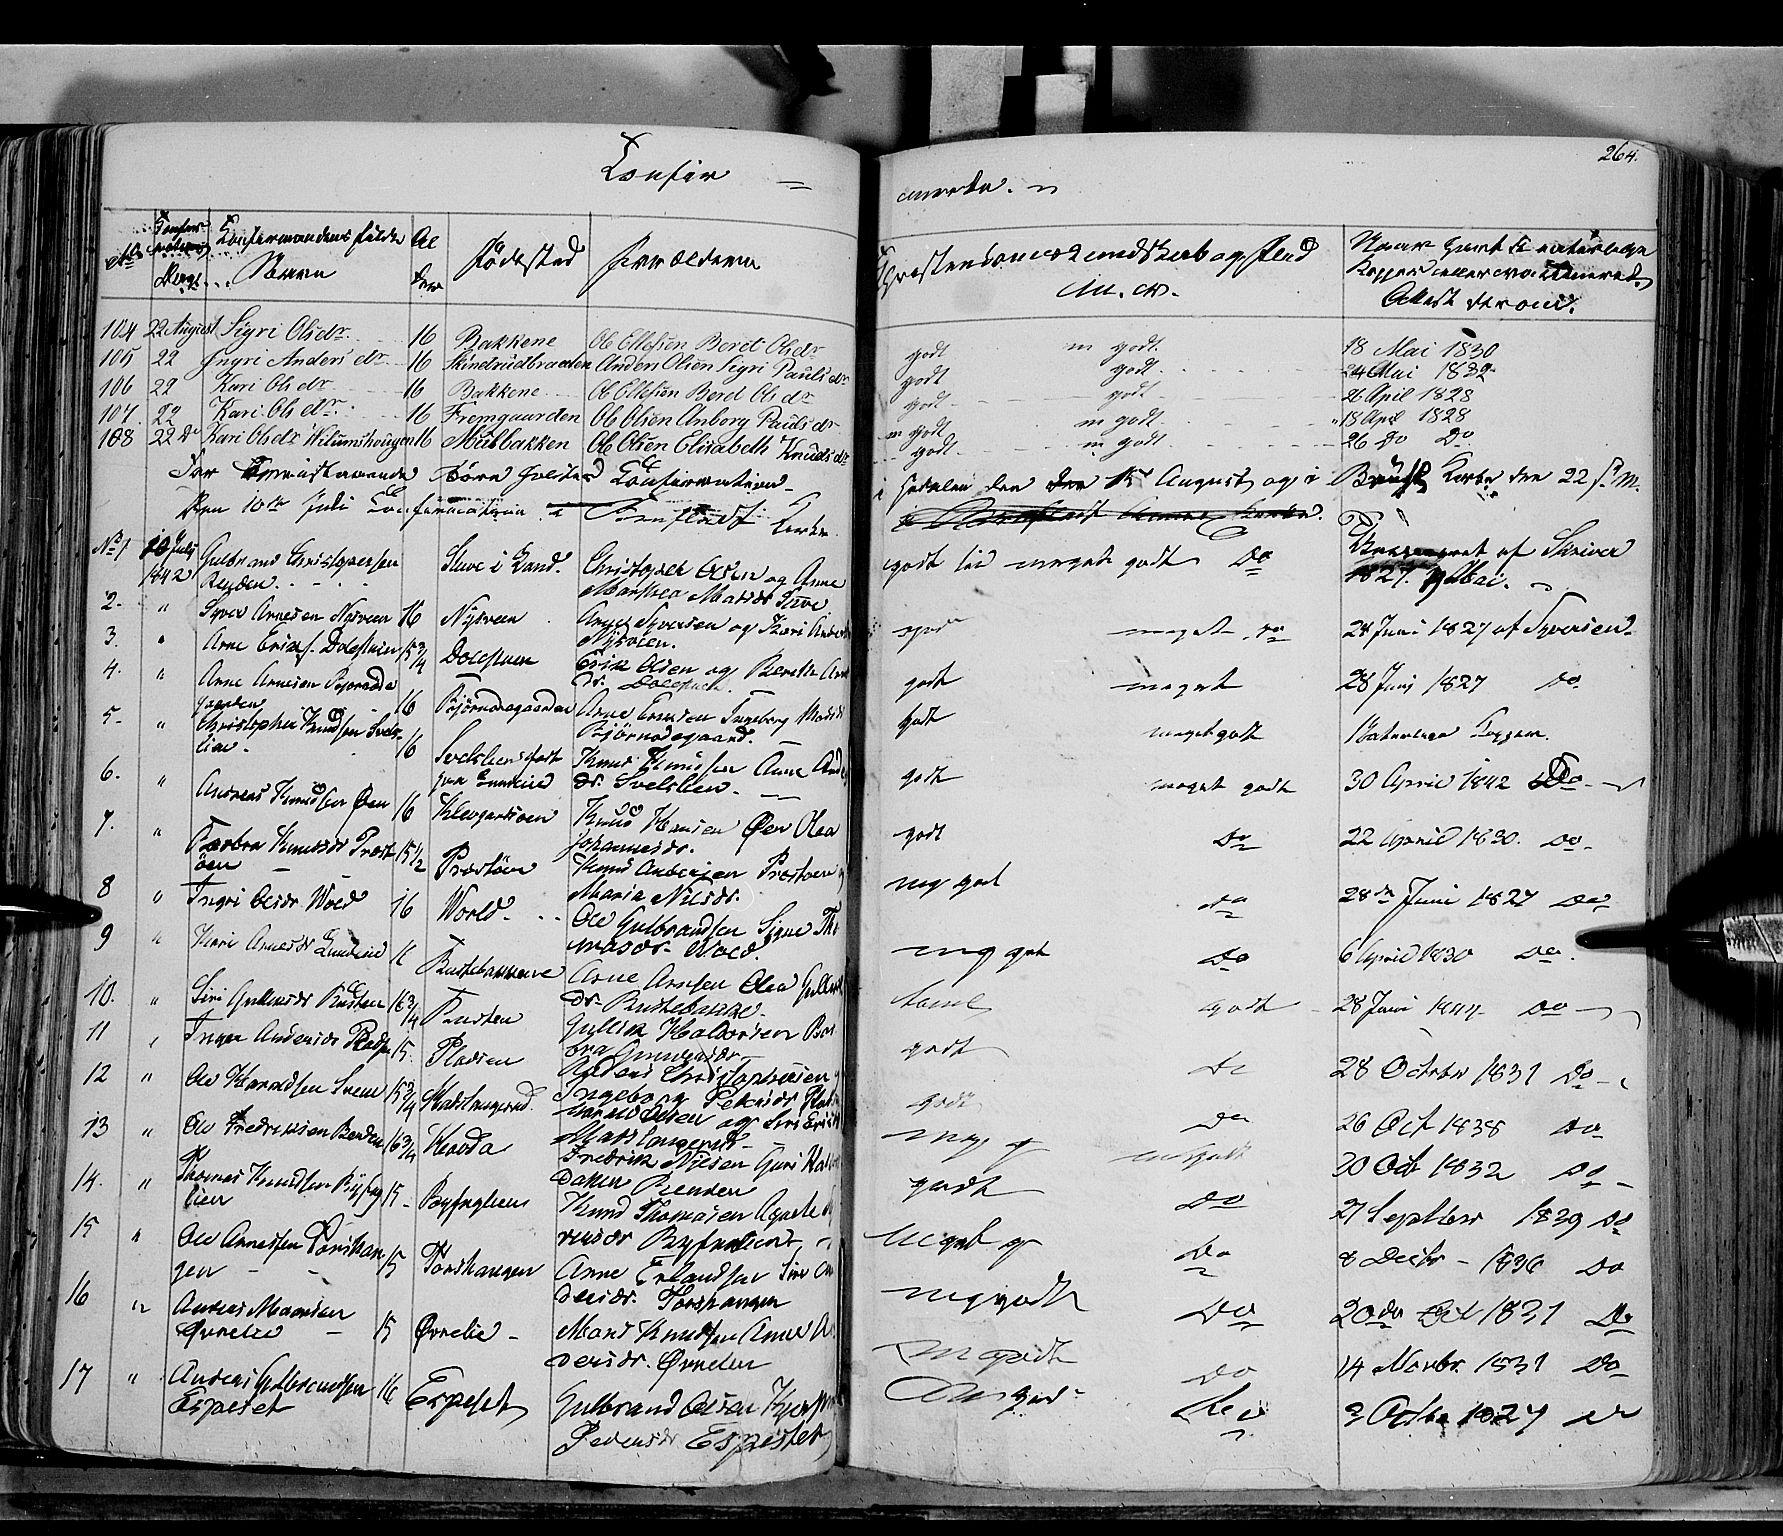 SAH, Sør-Aurdal prestekontor, Ministerialbok nr. 4, 1841-1849, s. 263-264